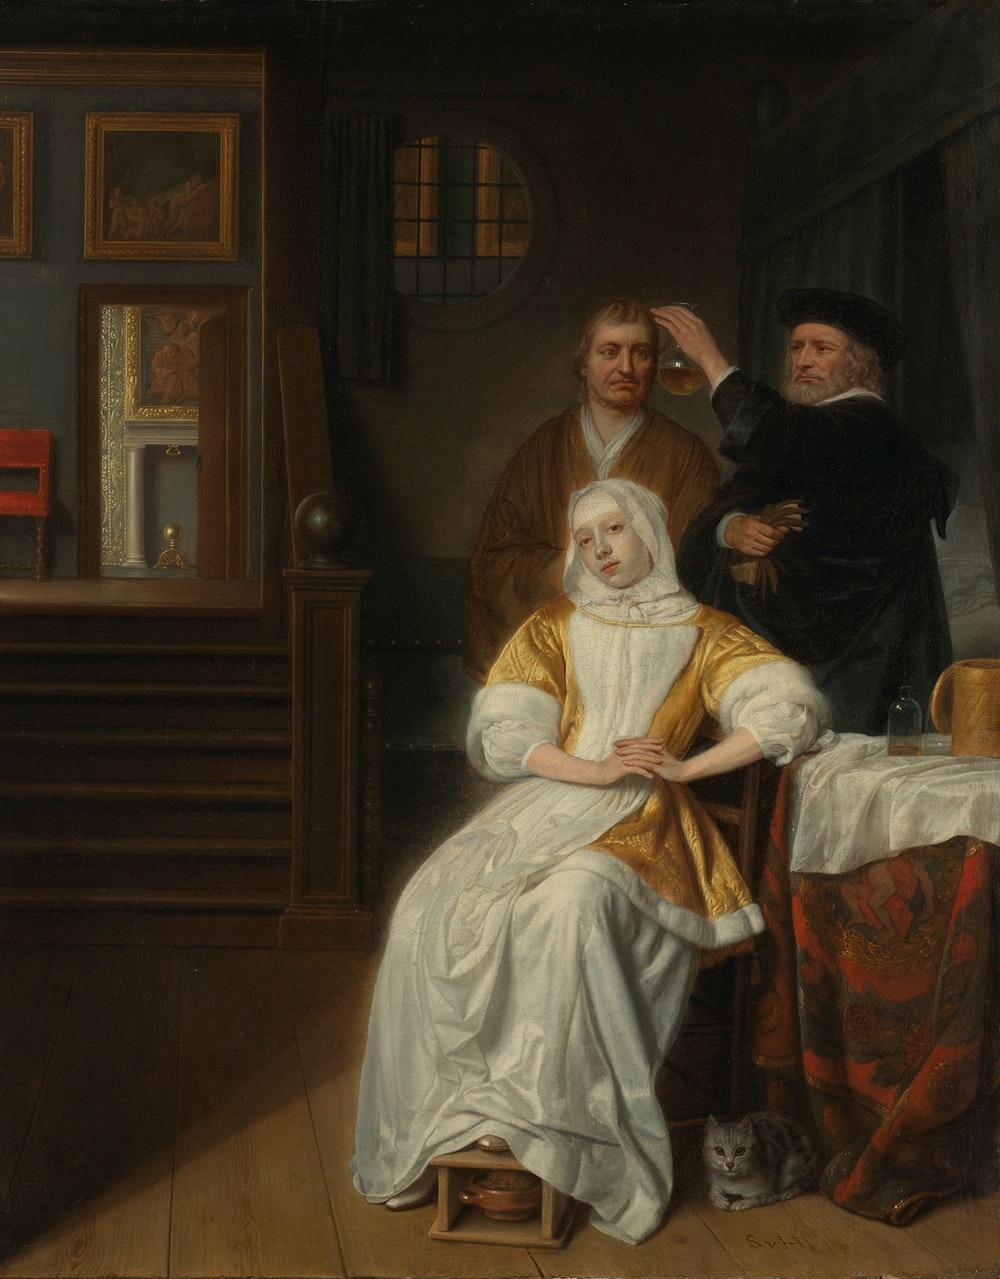 woman in white dress sitting beside man in black suit